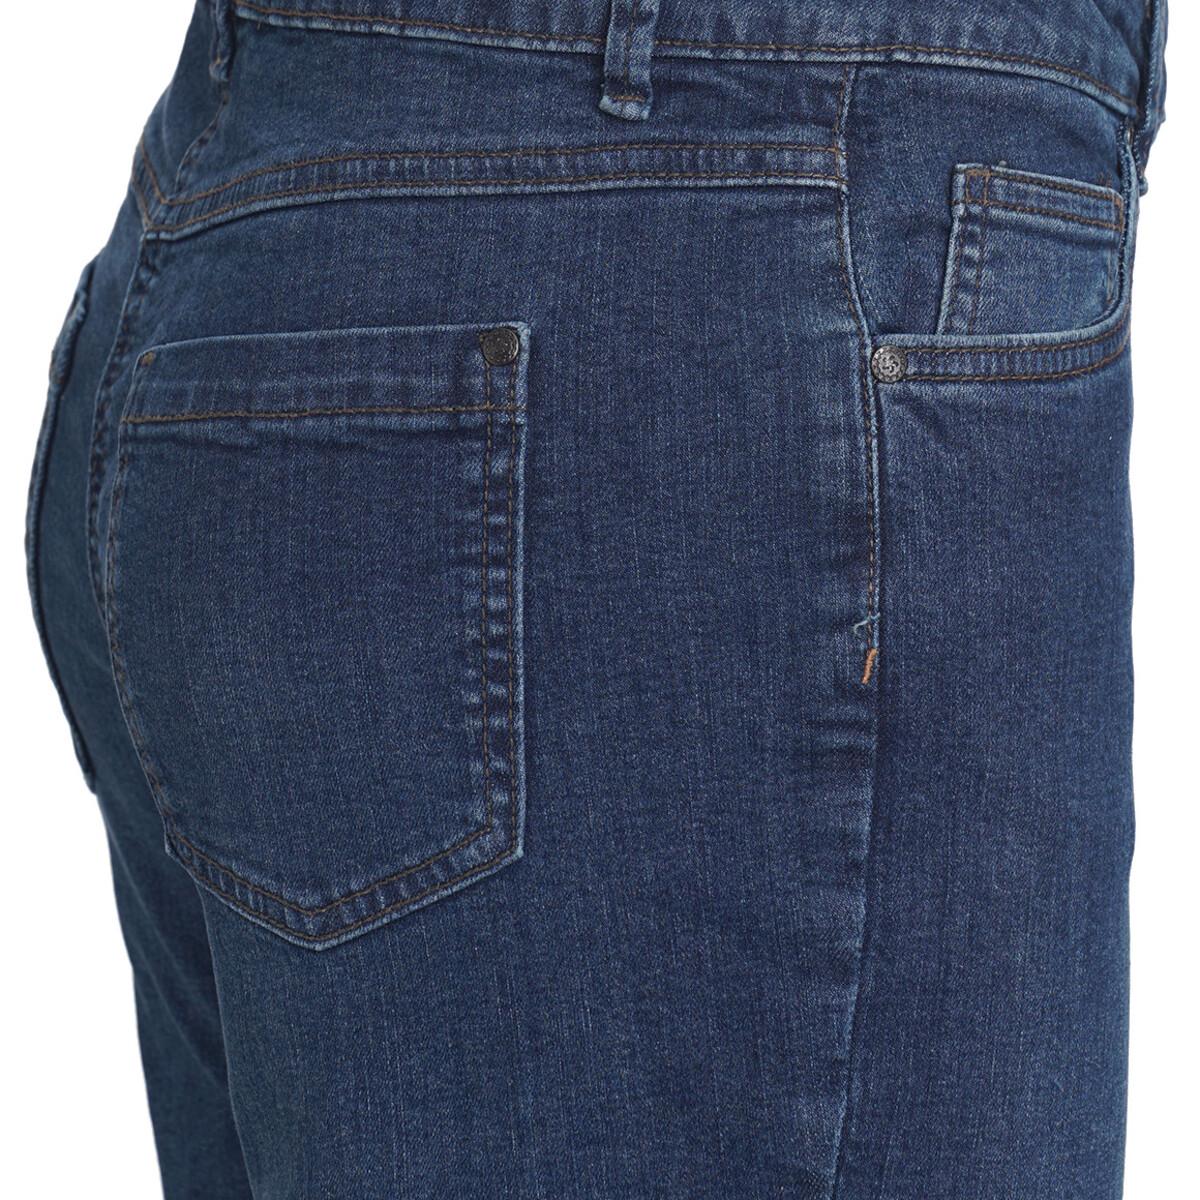 Bild 3 von Damen Jeans mit weitem Schnitt